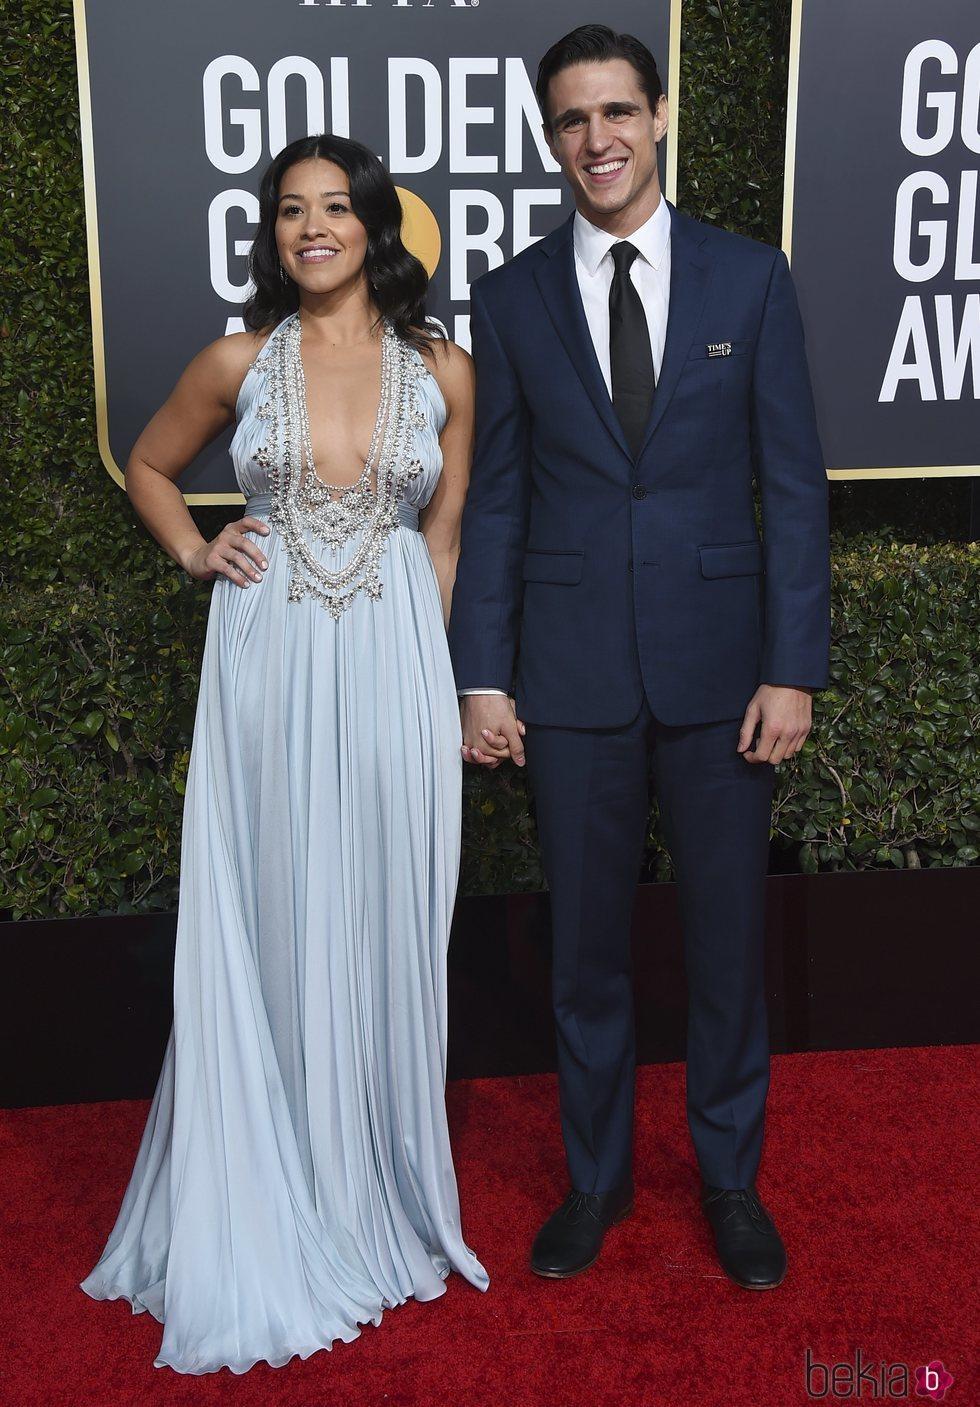 Gina Rodriguez y Joe LoCicero en la alfombra roja de los Globos de Oro 2019